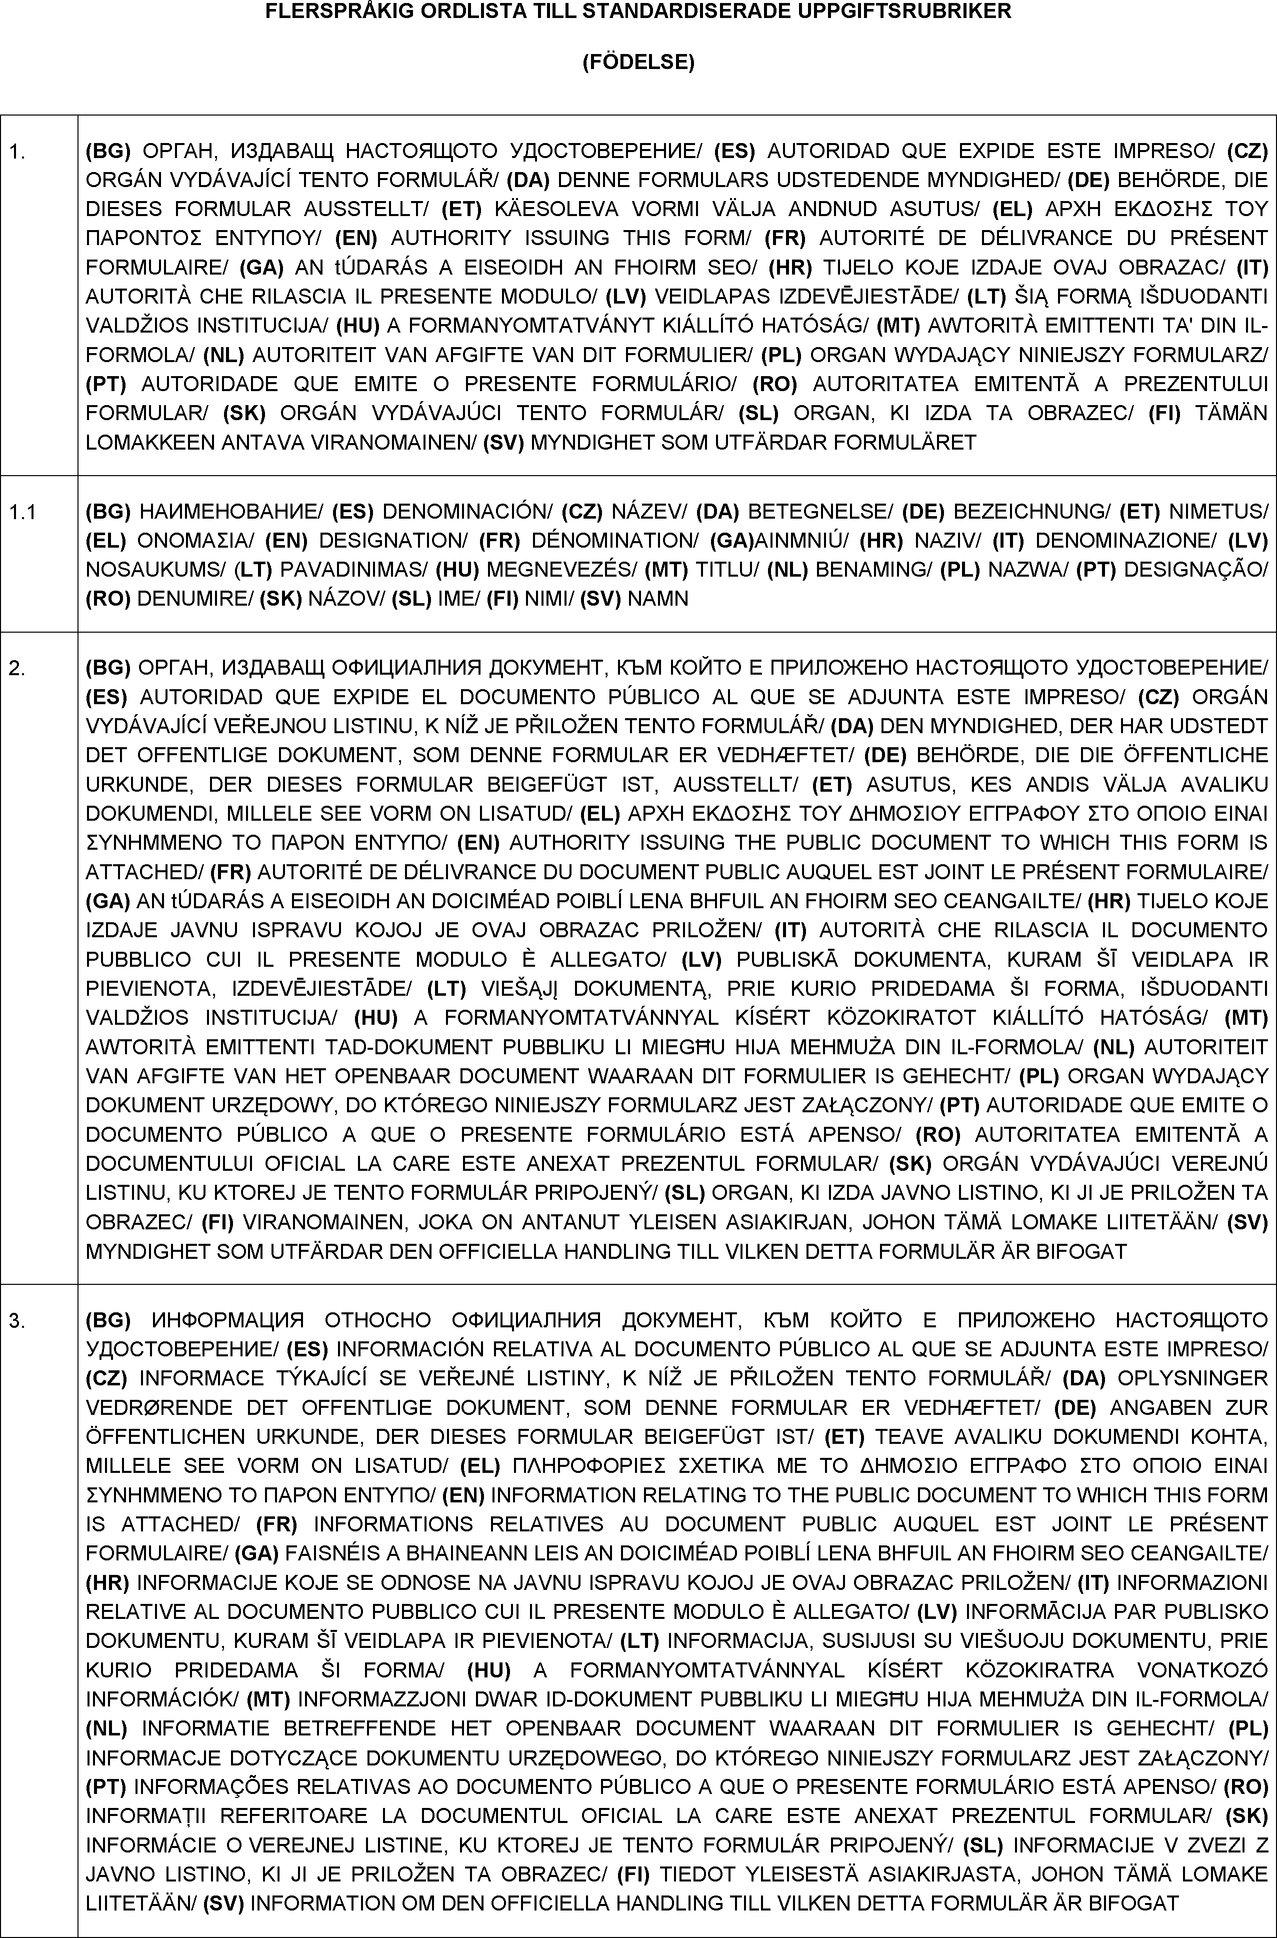 Dejting kontrakt för sex min dotter på nätet